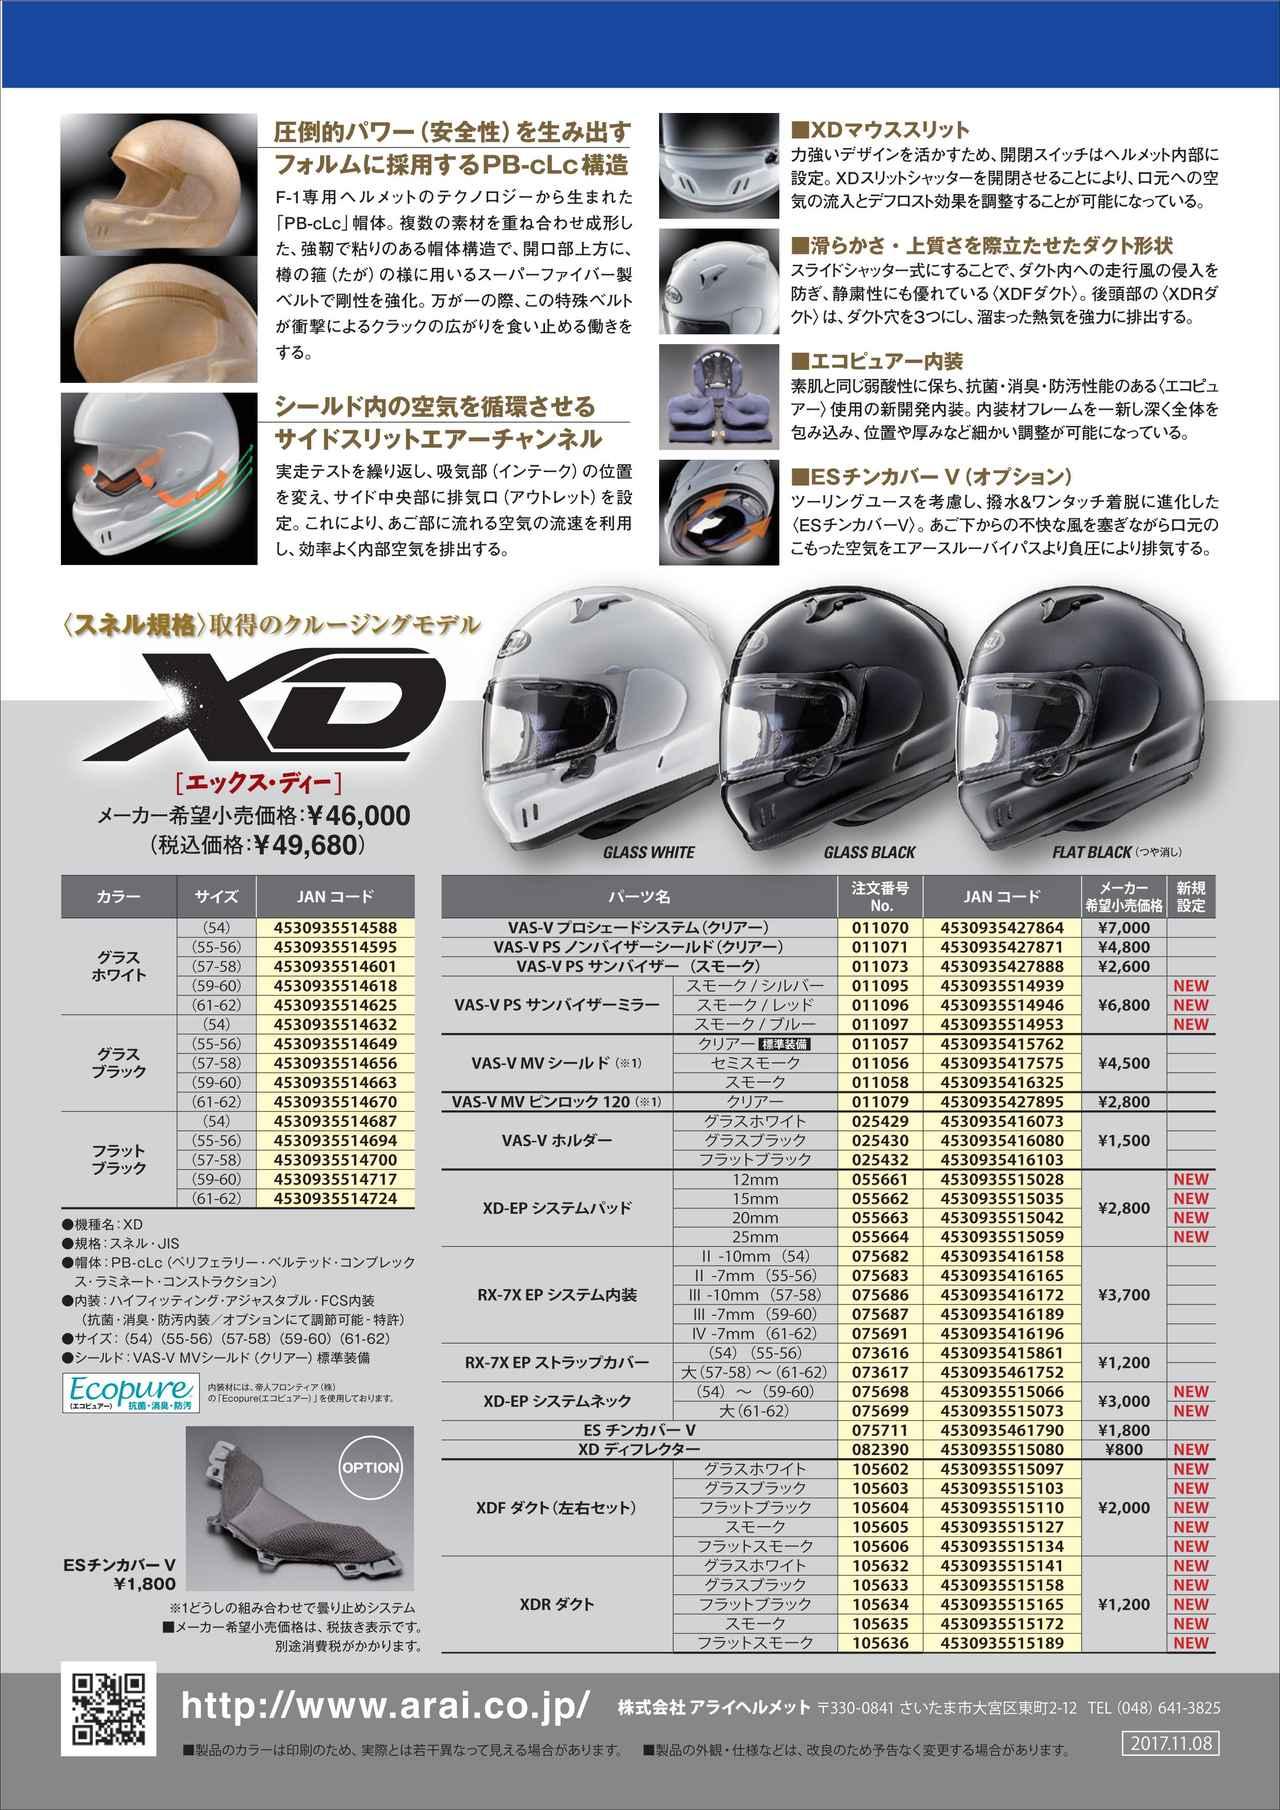 画像3: アライヘルメットのNEWモデル XD が登場!